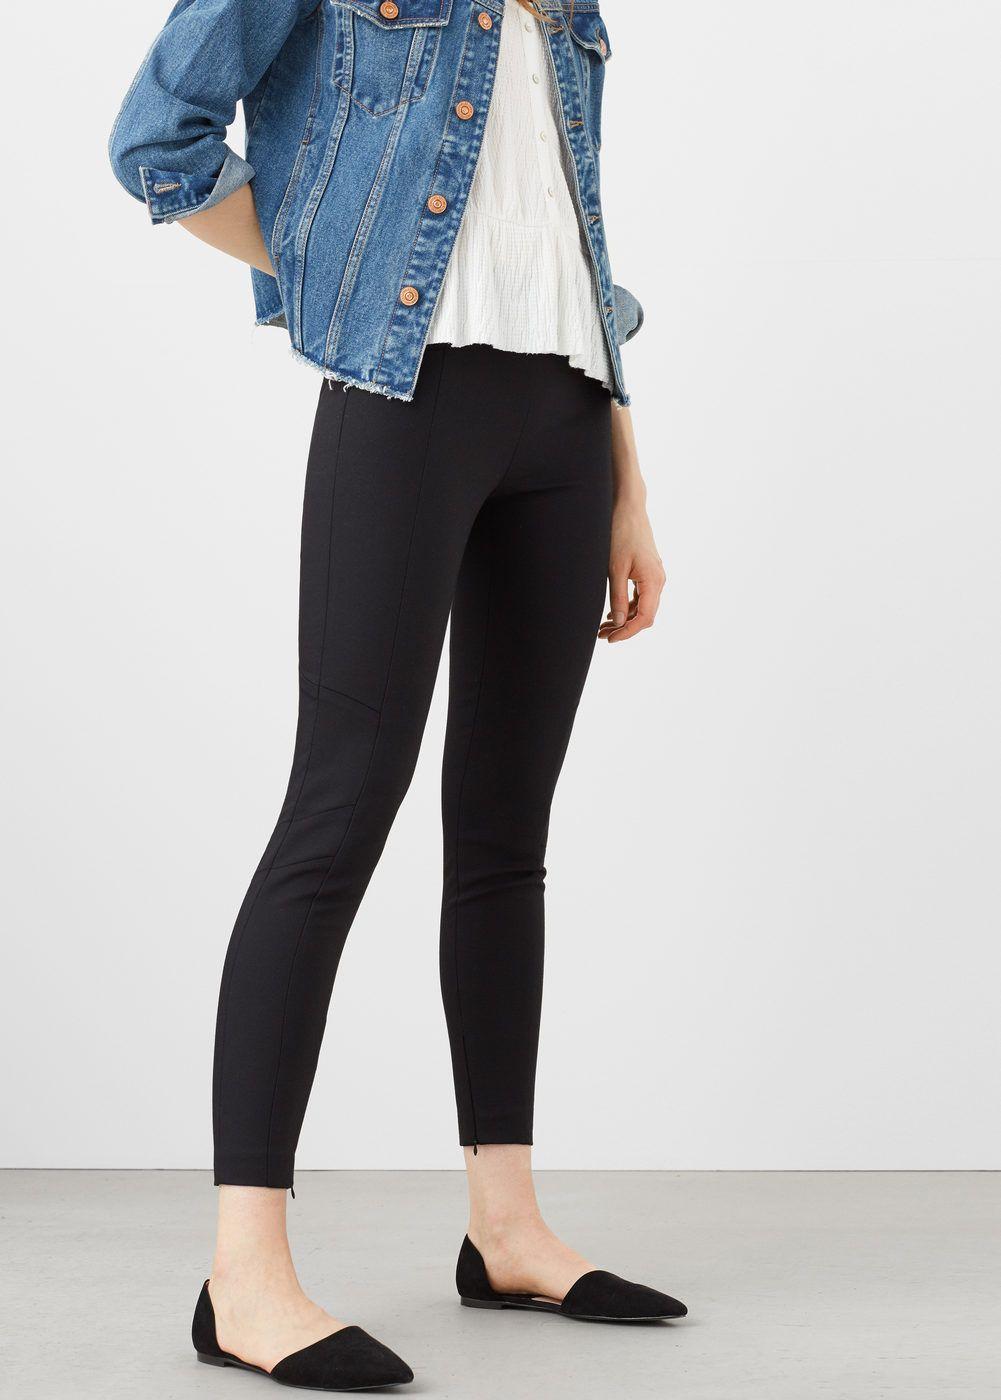 562d85c5e9b820 Essential cotton leggings - Women | Net a porter Style. | Cotton ...